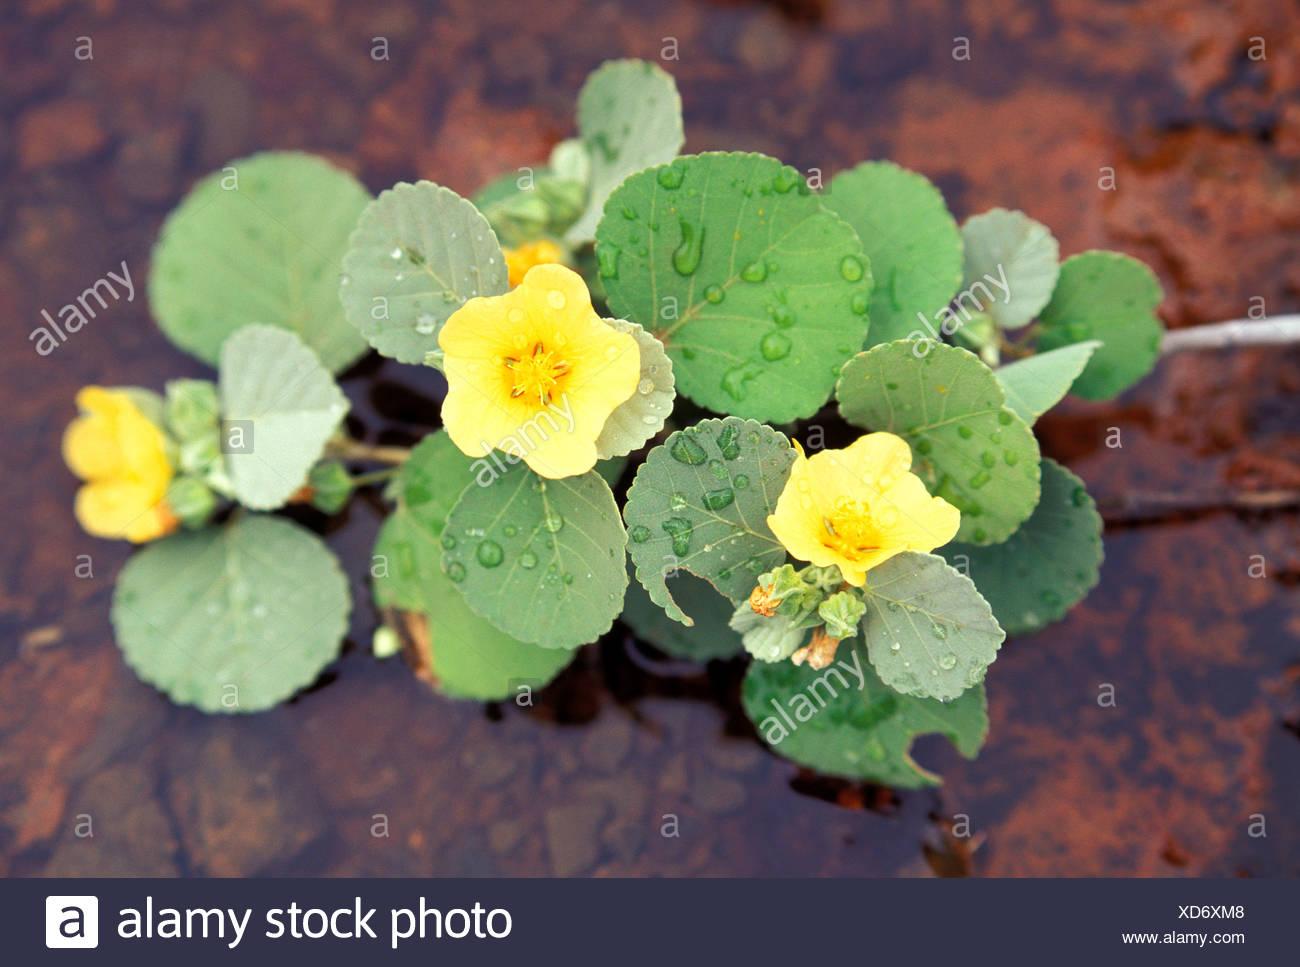 Ilima sida fallax is a native low growing shrub the flowers are ilima sida fallax is a native low growing shrub the flowers are often used in lei making kahoolawe izmirmasajfo